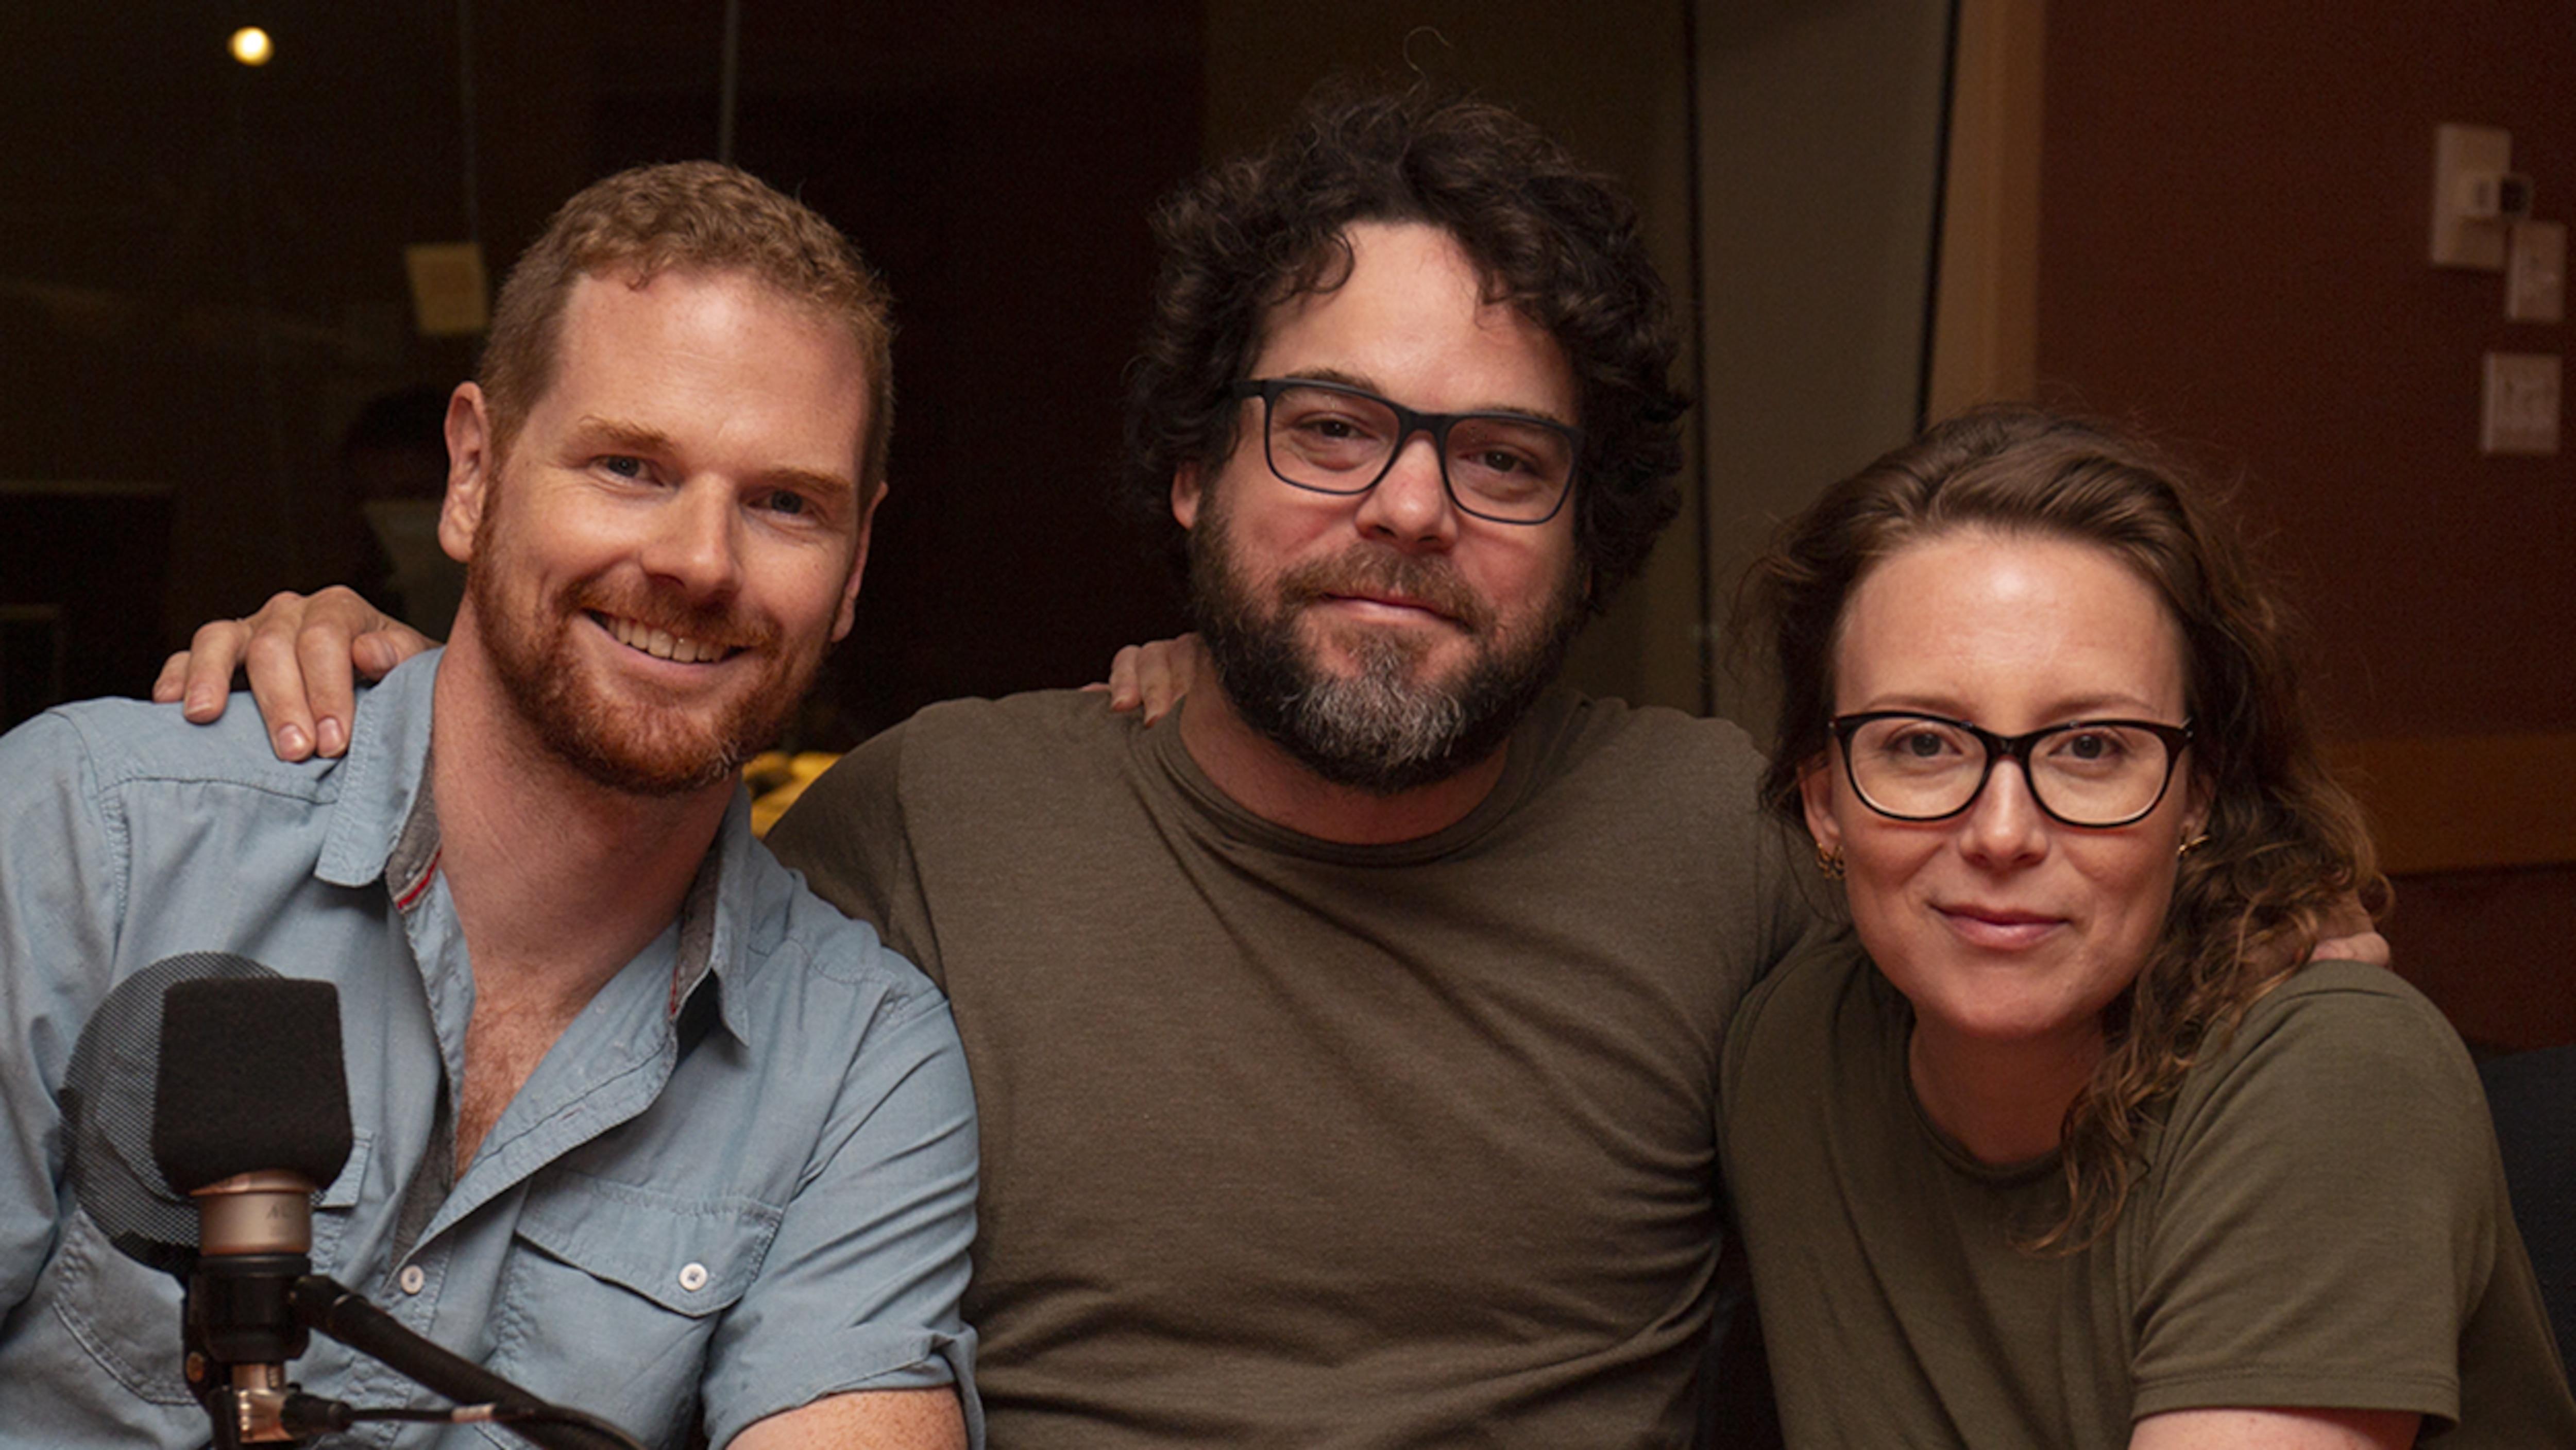 David Paradis, Pierre-Luc Brillant et Isabelle Blais avant l'entrevue accordée à Karyne Lefebvre, au studio 18 de Radio-Canada, à Montréal, le 25 juillet 2018.